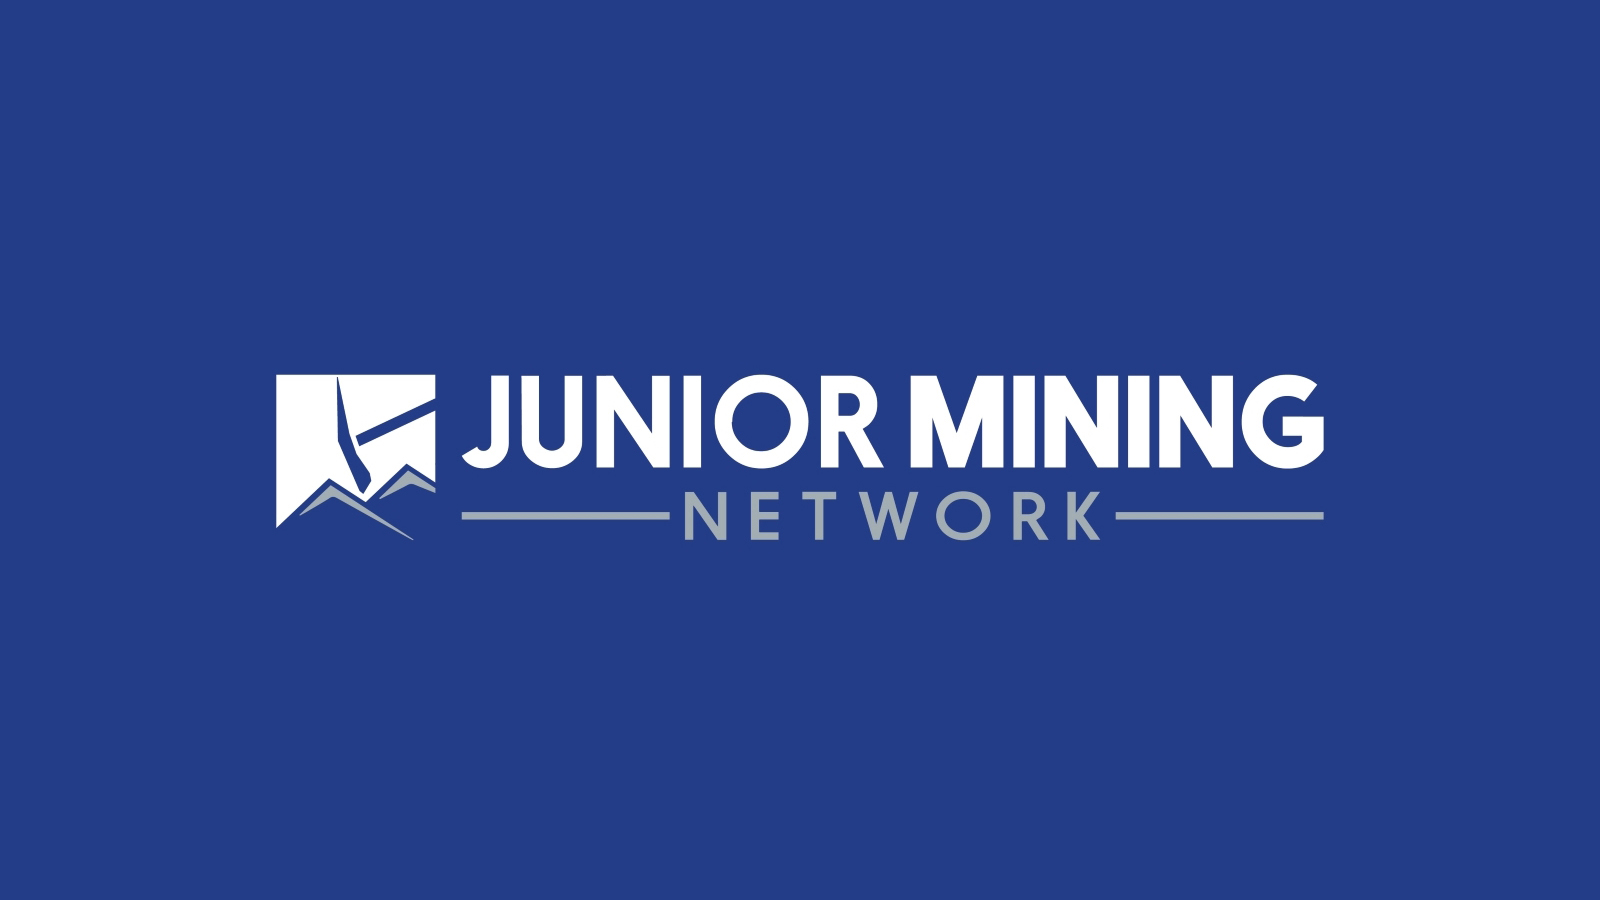 Klondex Mines Ltd (KDX) Price Target Cut to C$7.50